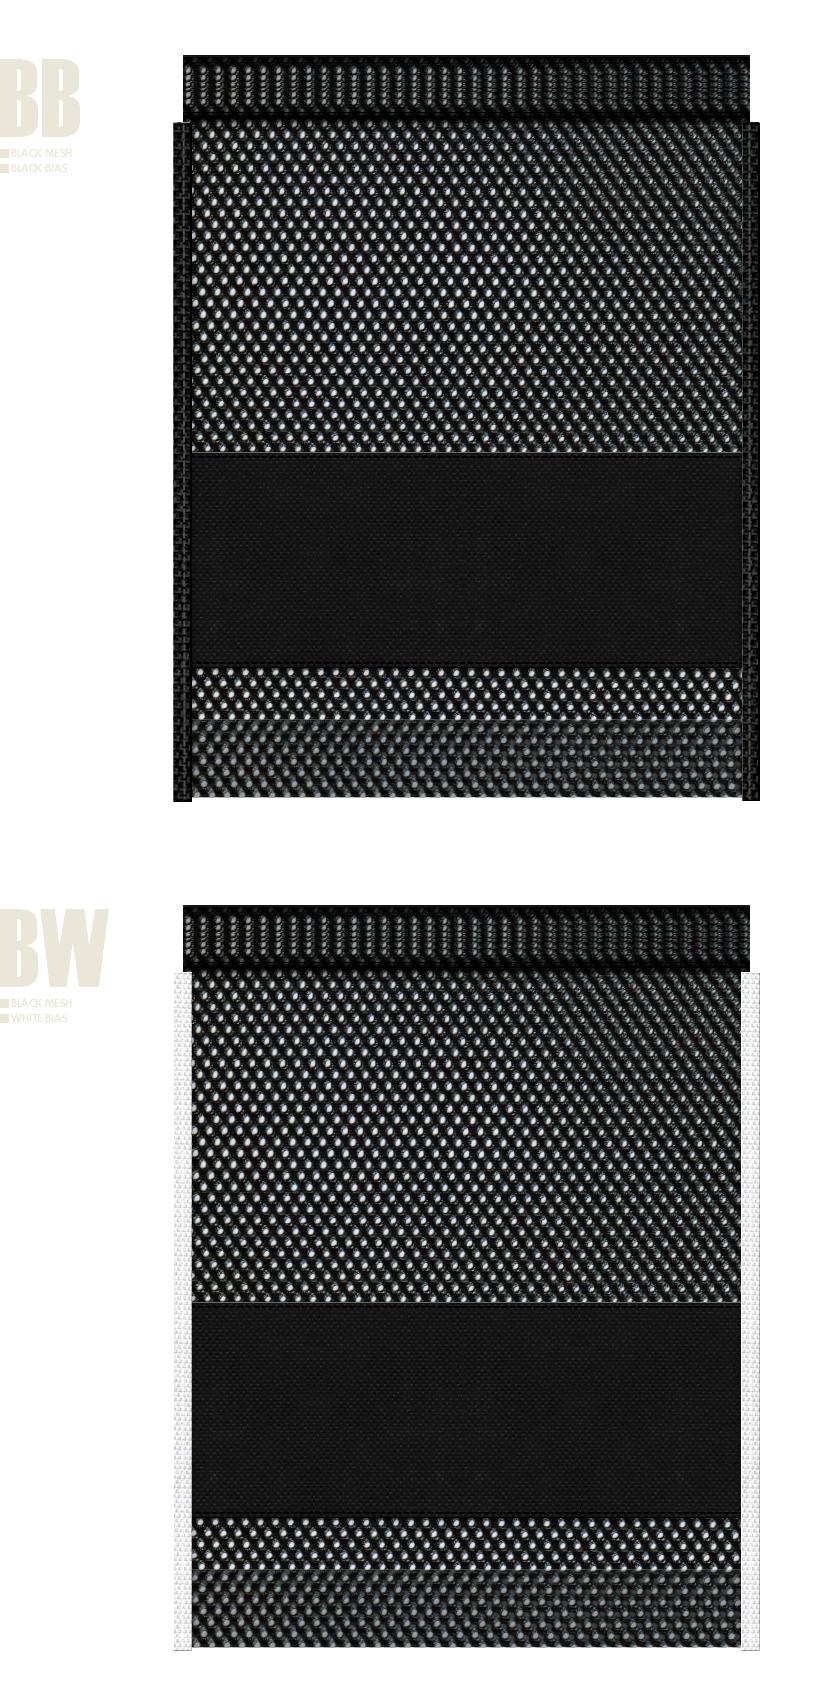 黒色メッシュと黒色不織布のメッシュバッグカラーシミュレーション:キャンプ用品・アウトドア用品・スポーツ用品・シューズバッグにお奨め